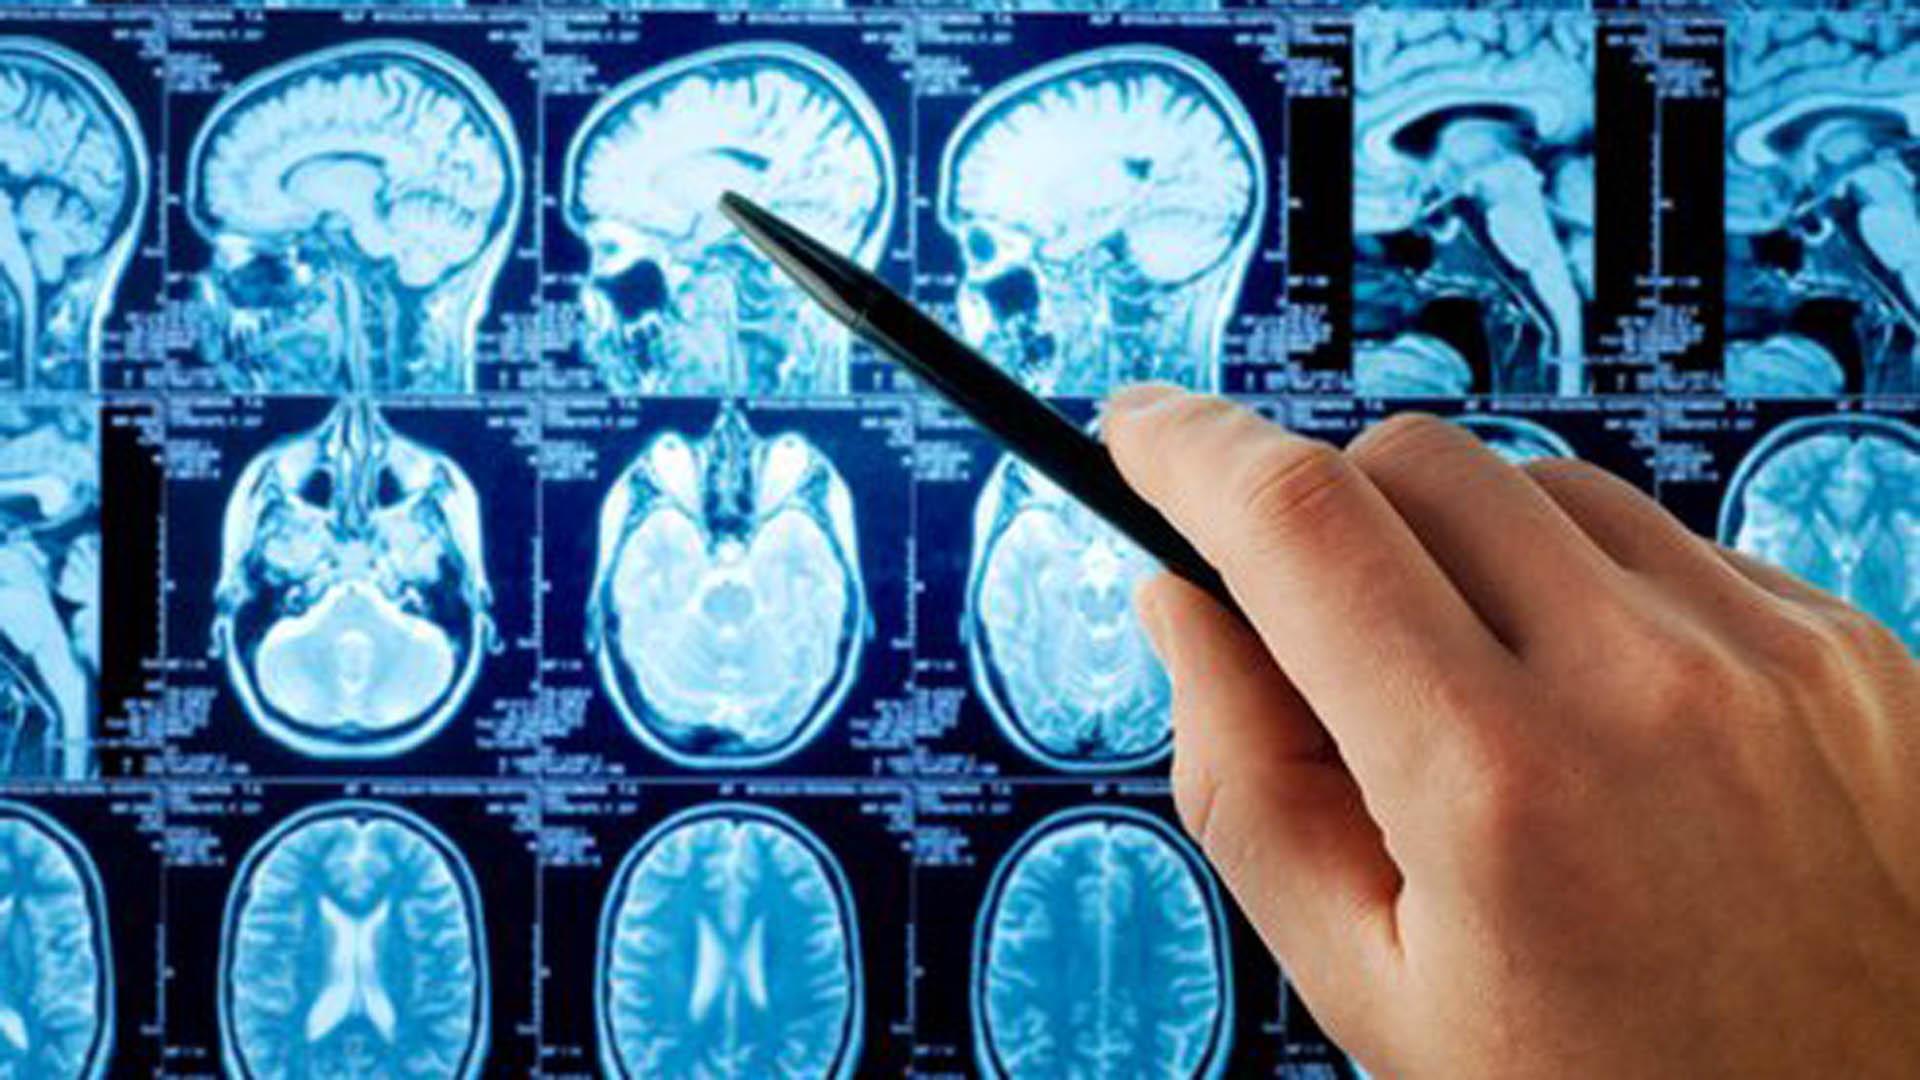 Neuroacciona volverá a acoger las prácticas para la formación de neuropsicólogos de diversas entidades y universidades durante el curso 2017-2018.